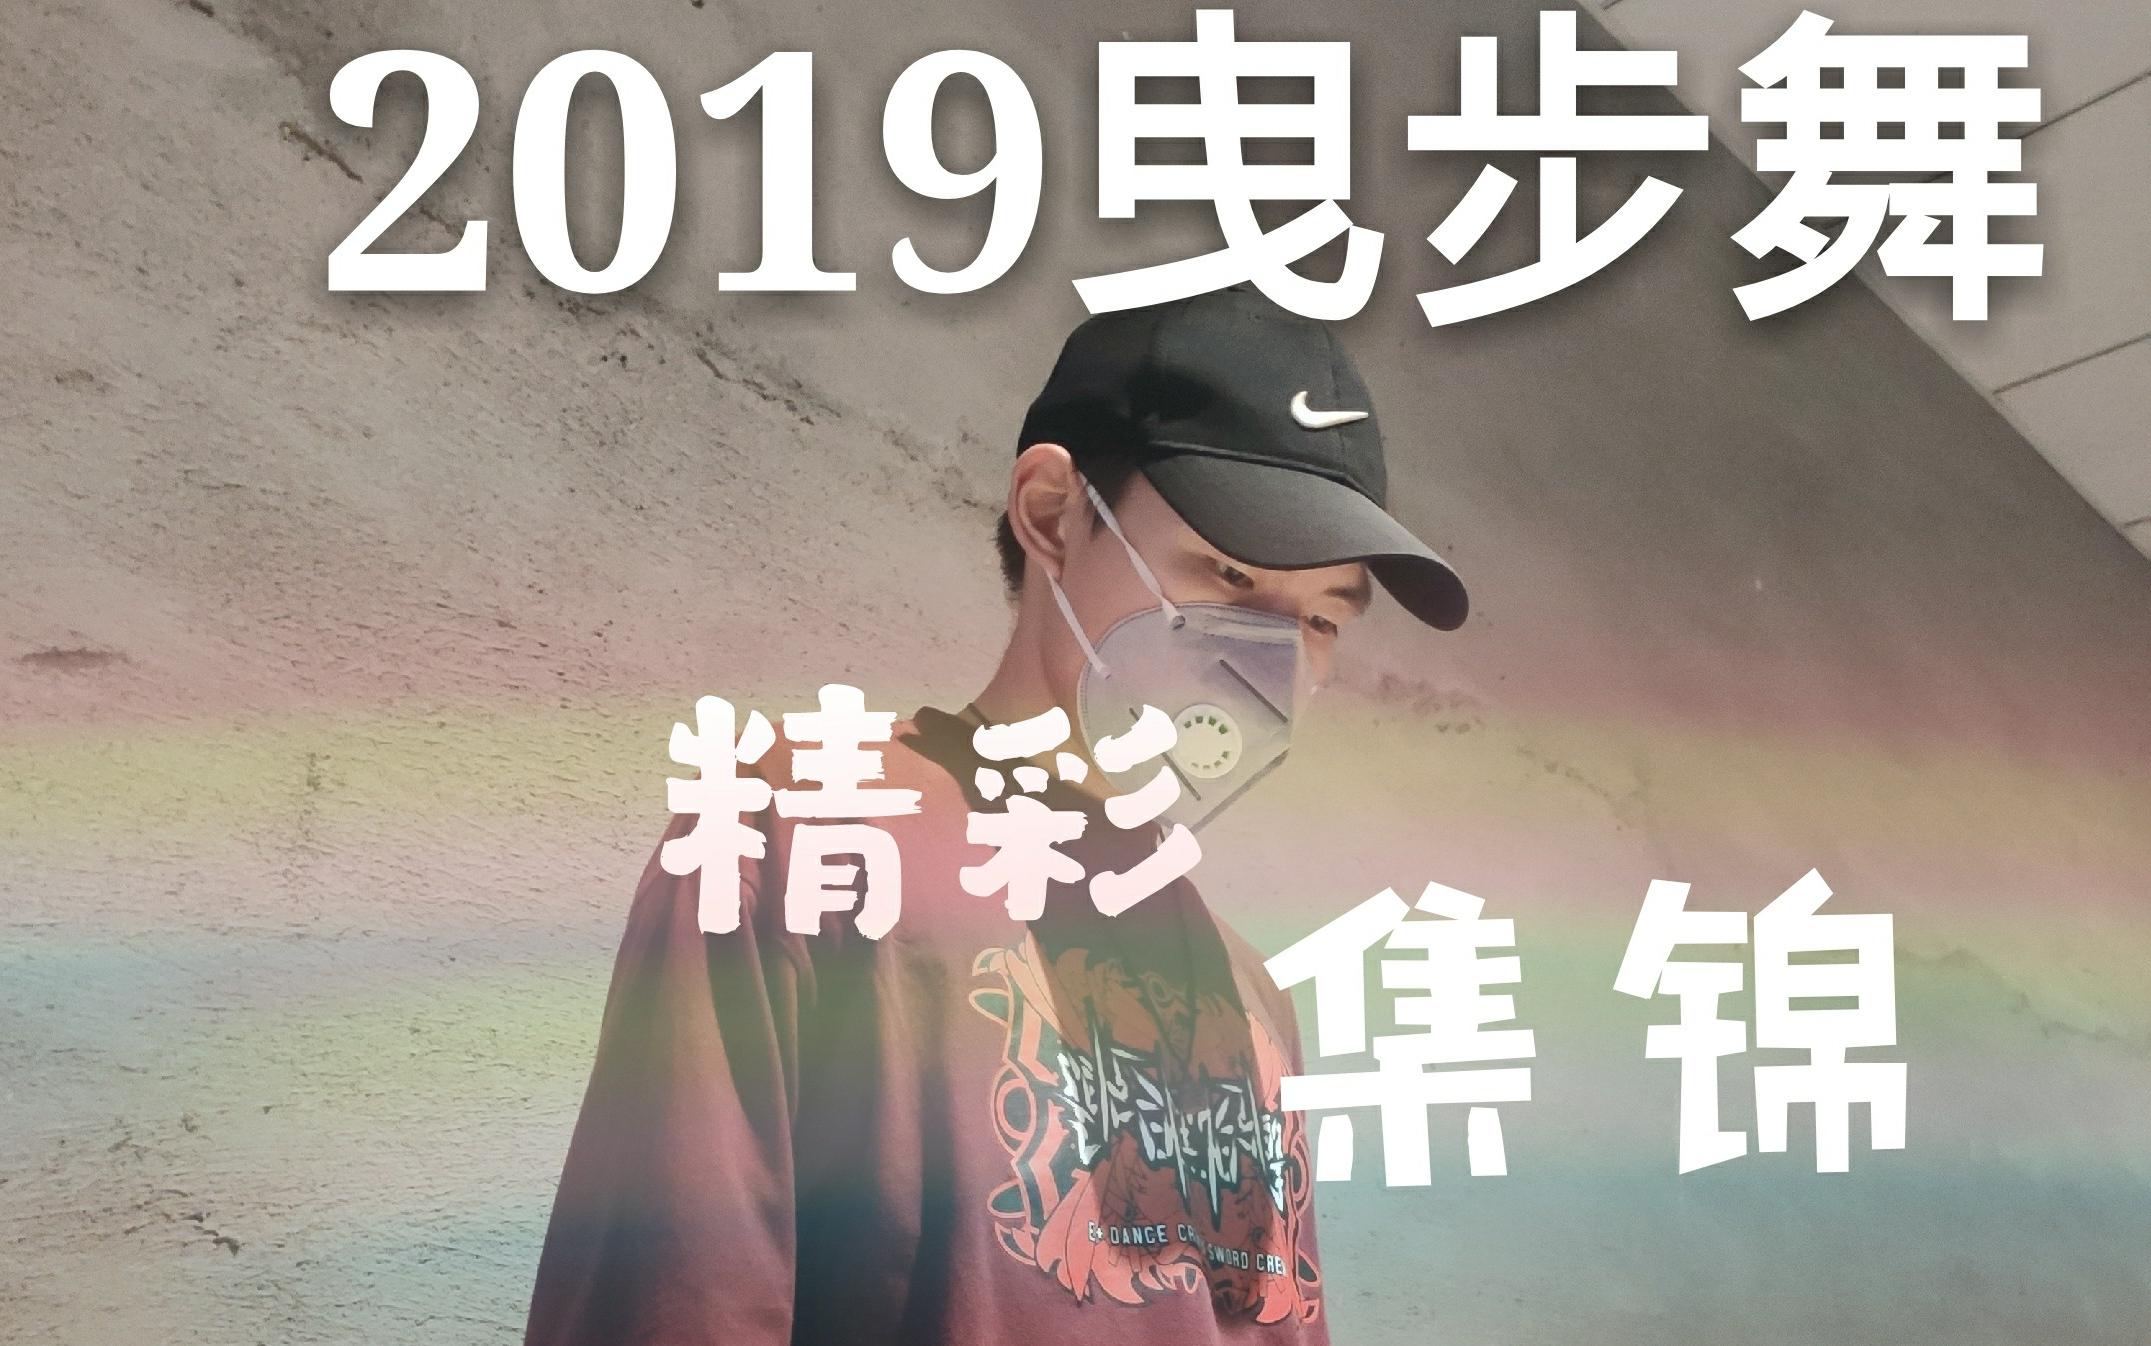 【曳步舞】一次看个够,2019精彩集锦